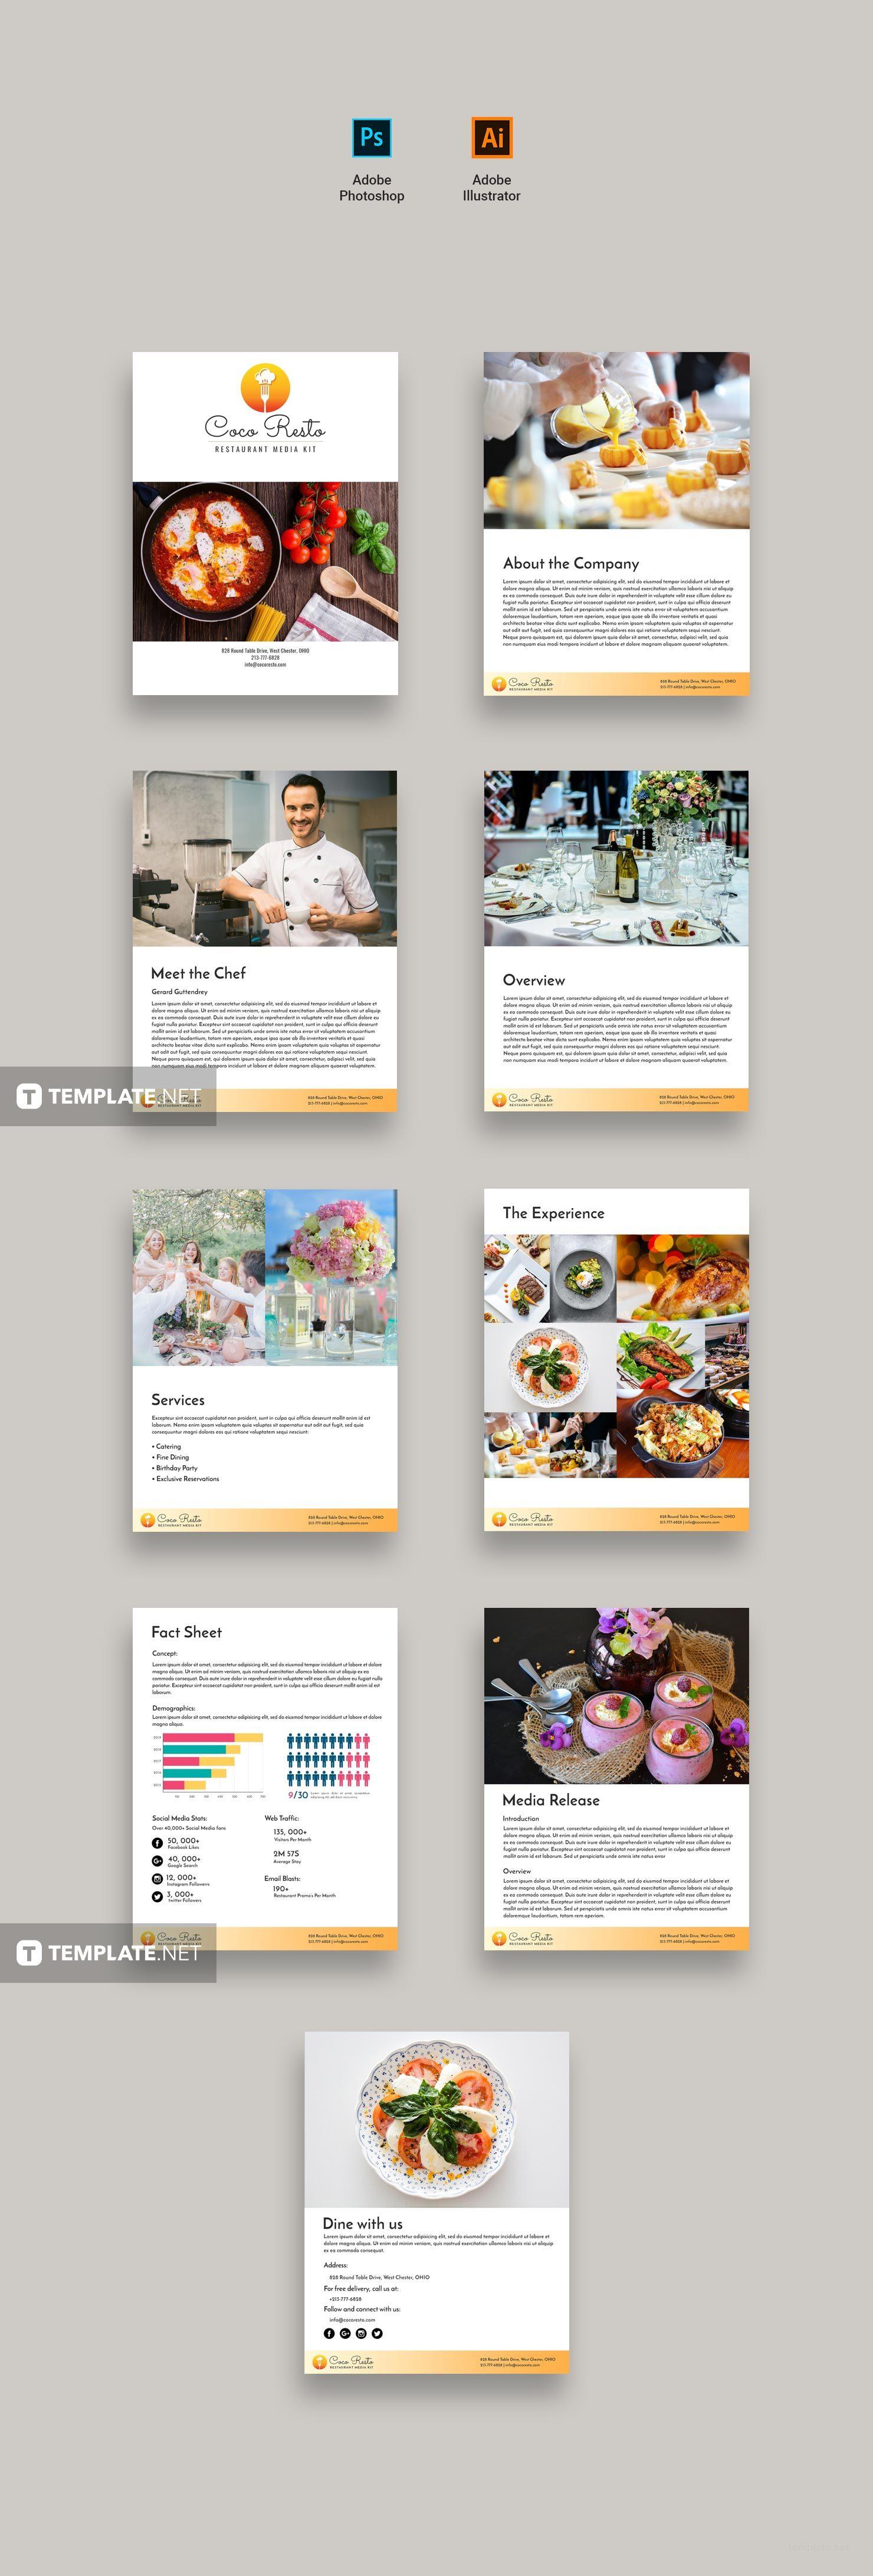 Creative Restaurant Business Media Kit